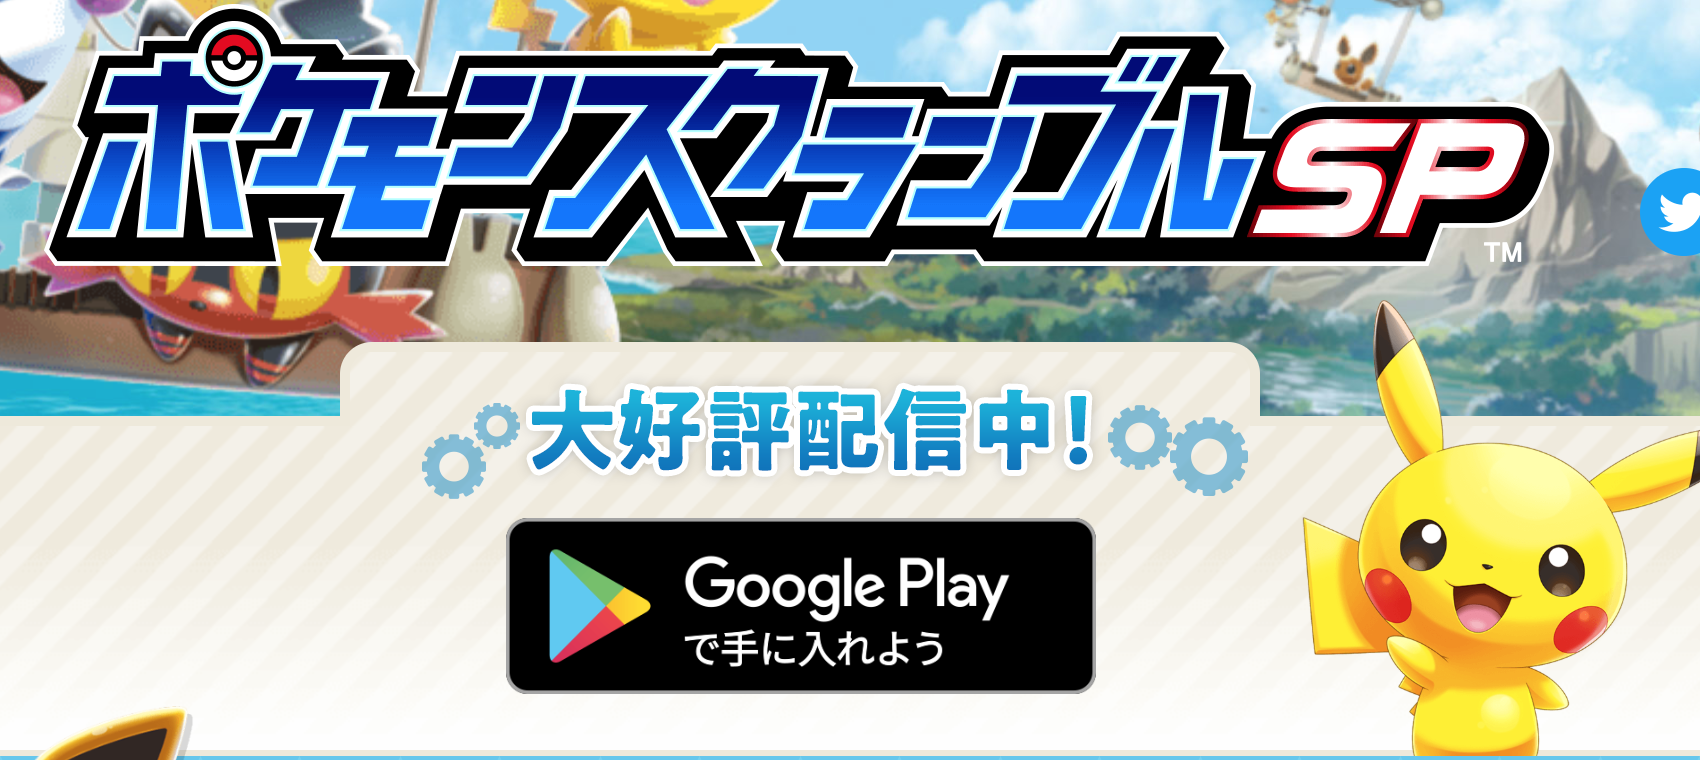 【ポケモンスクランブルSP】Android版リリース配信開始!